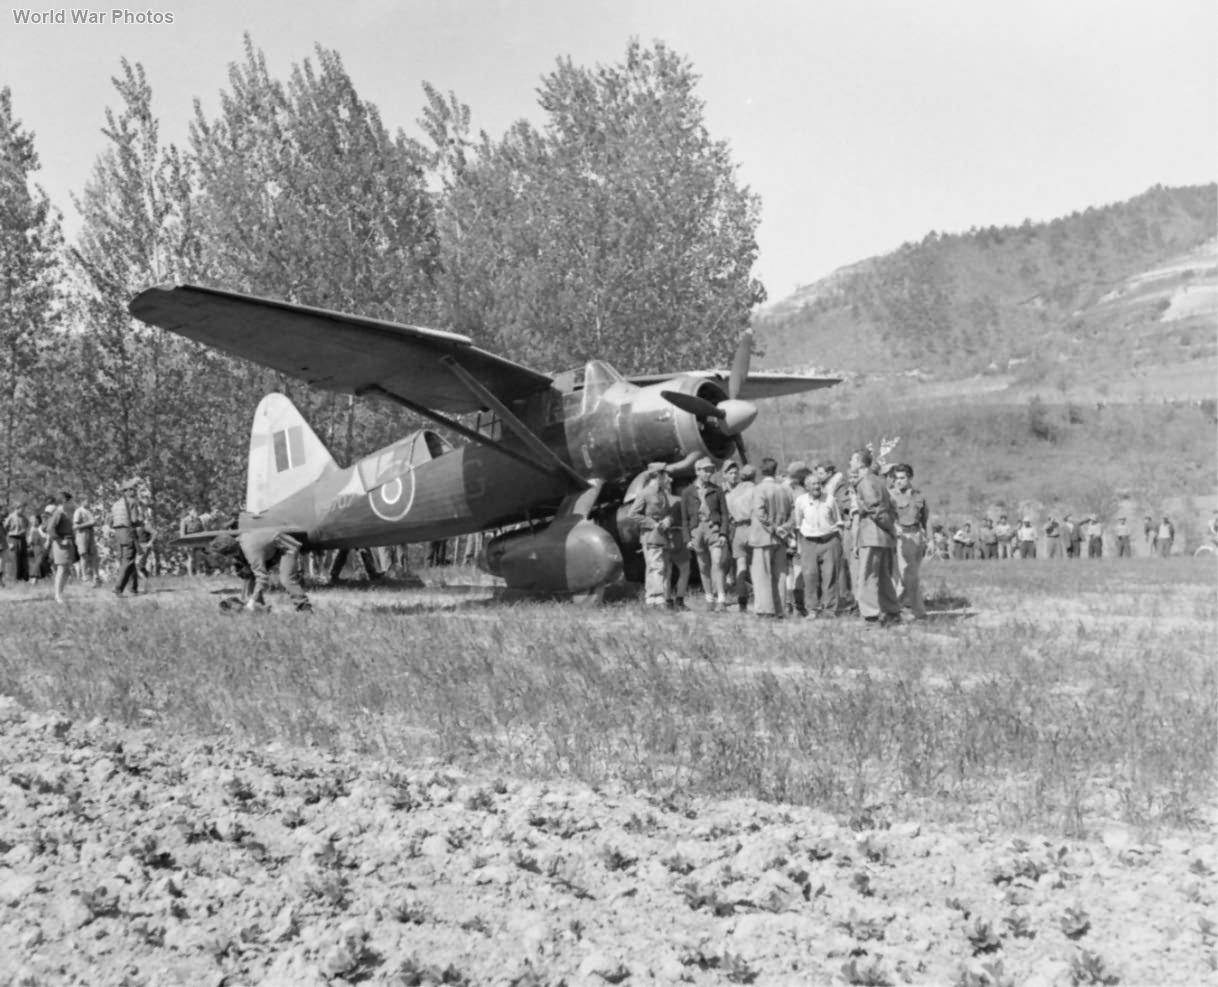 Lysander Mk IIIA V9707 of No. 148 Squadron Italy